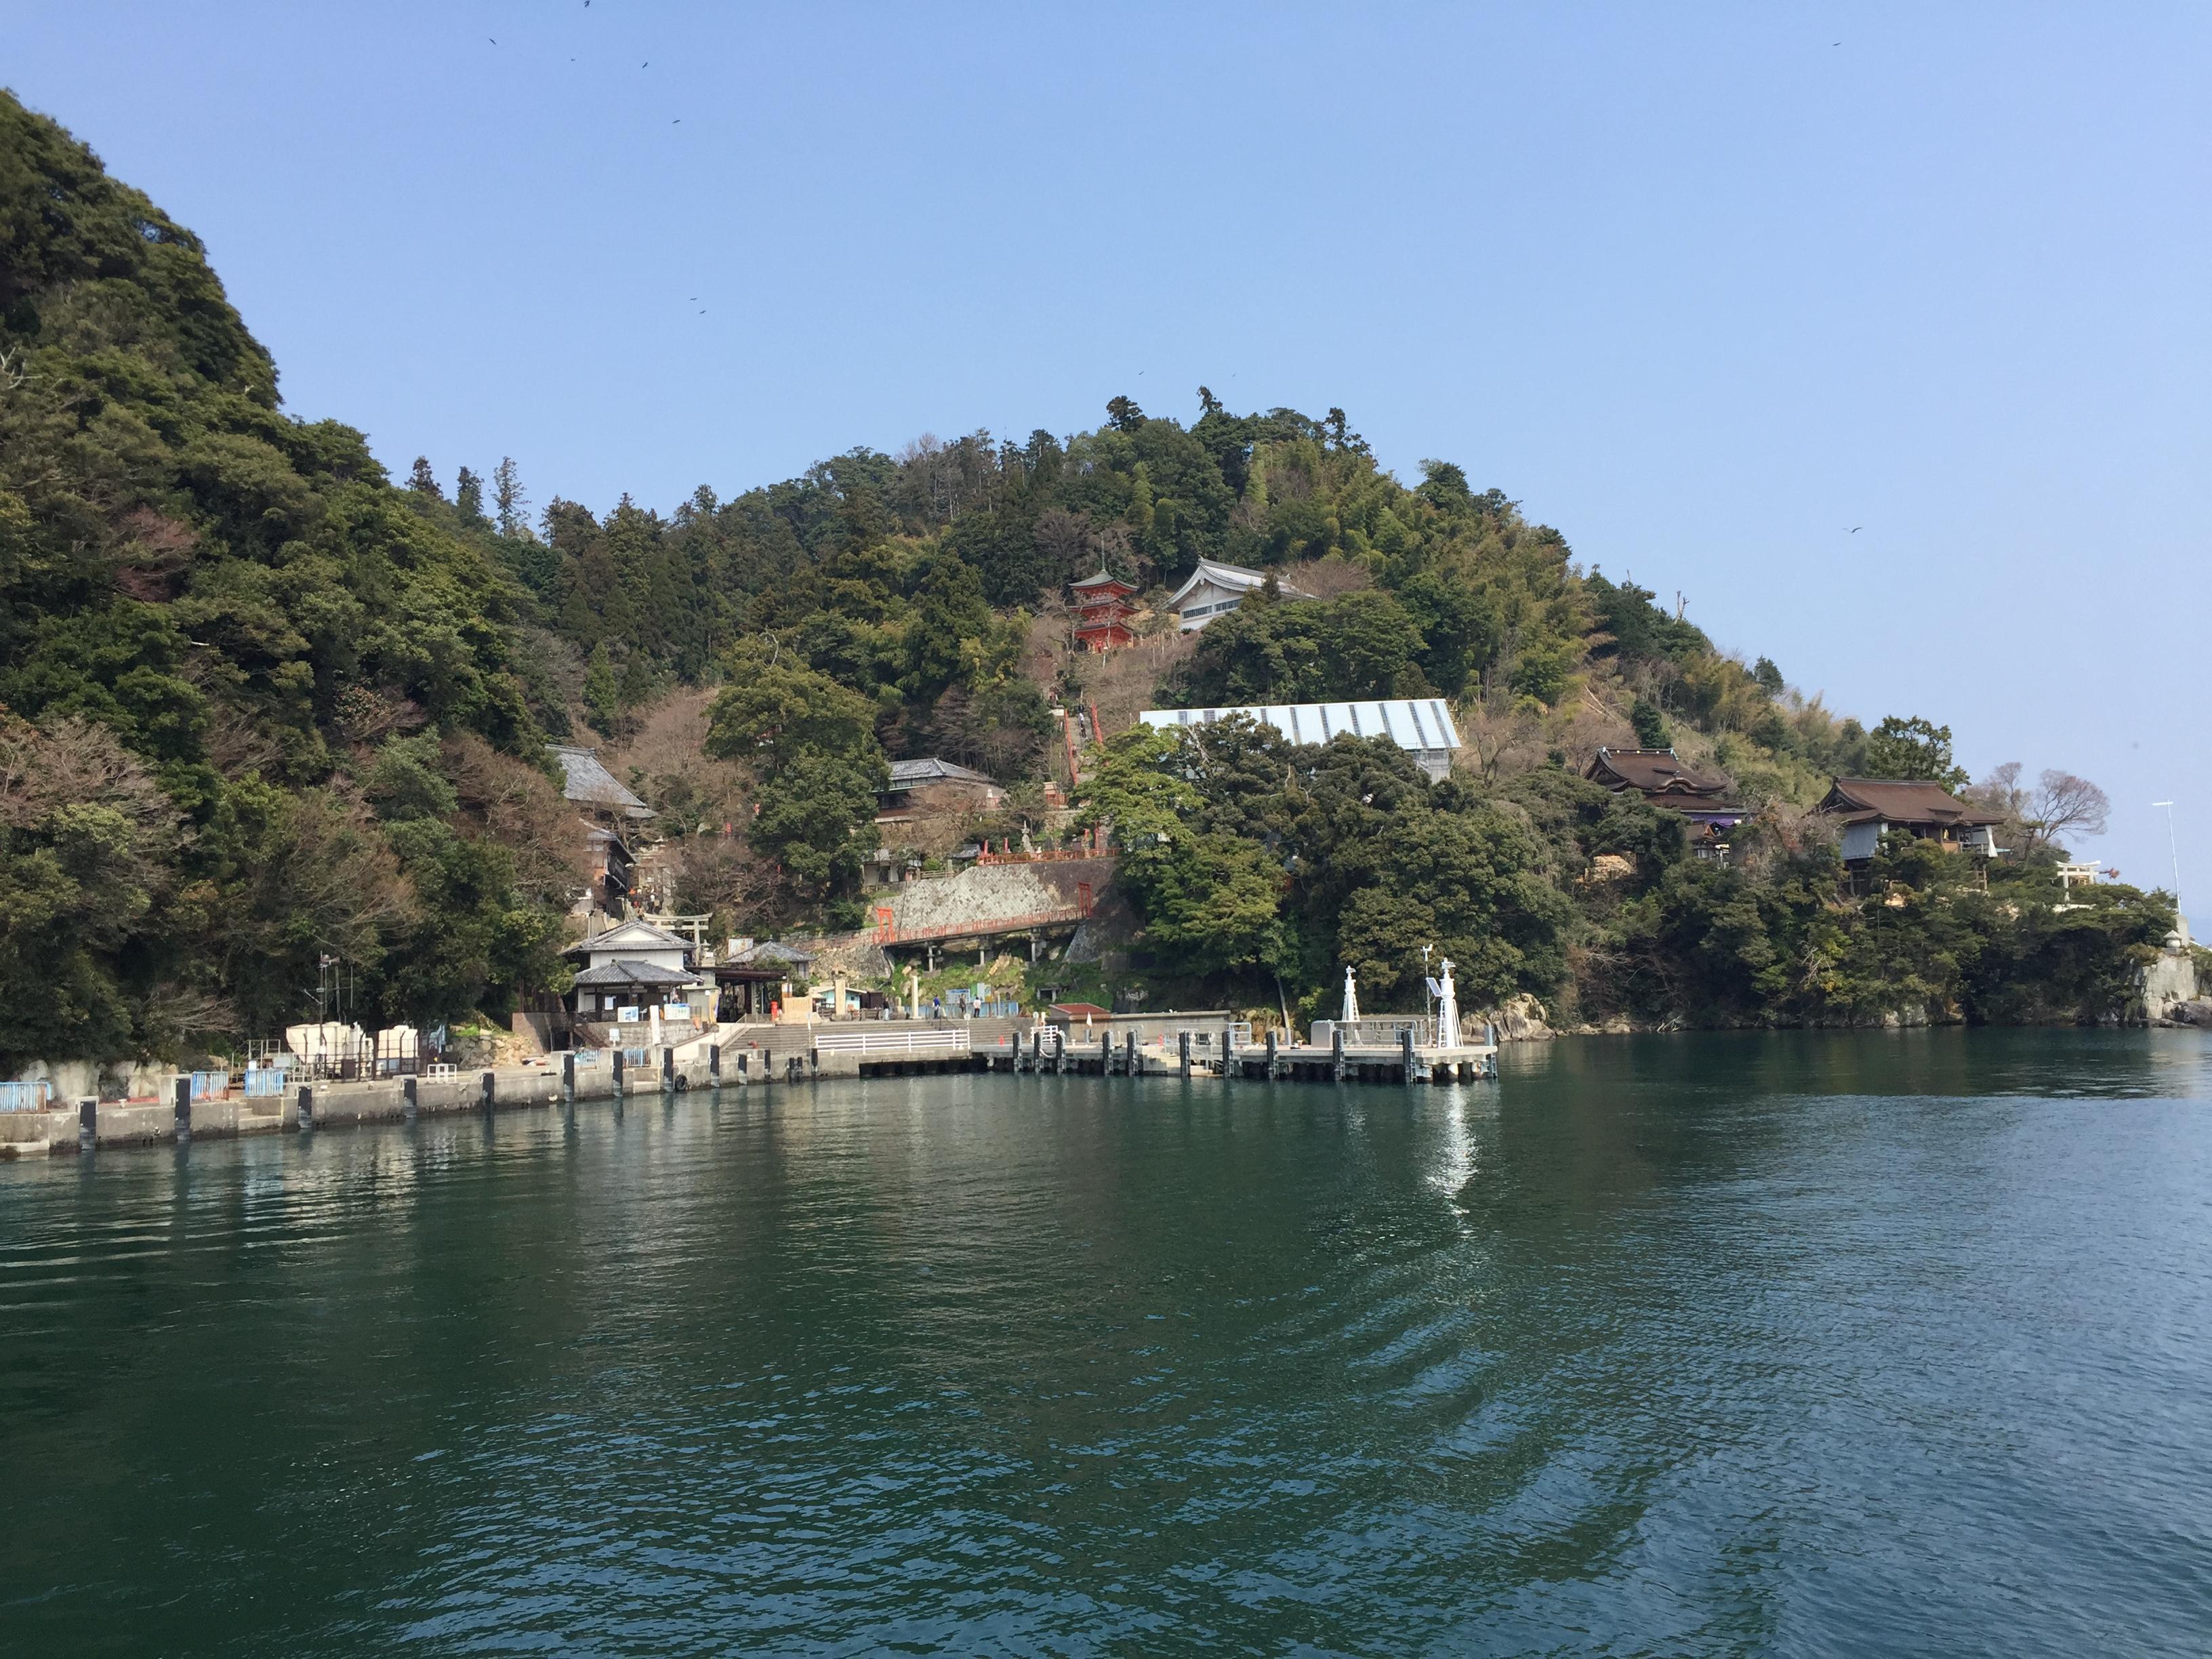 【竹生島観光】 竹生島への交通アクセス。つづらお、今津港、長浜港、彦根港からの4航路がある